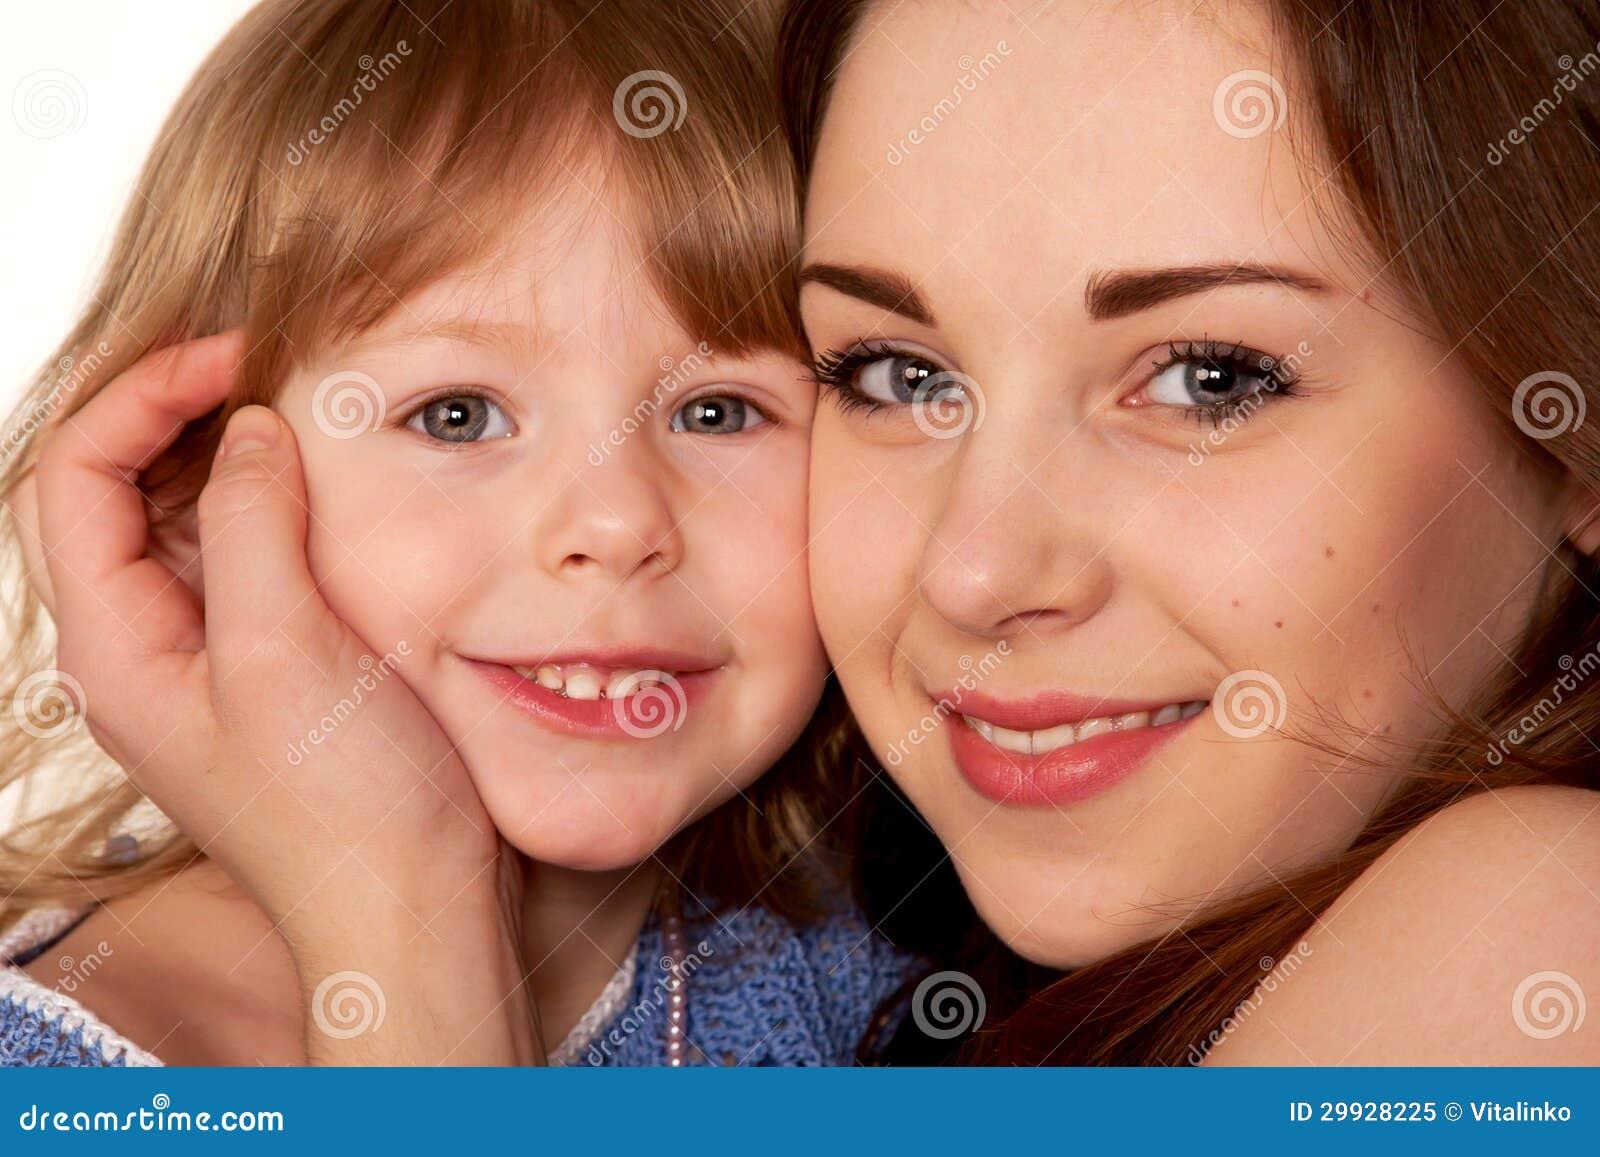 Little sister facial